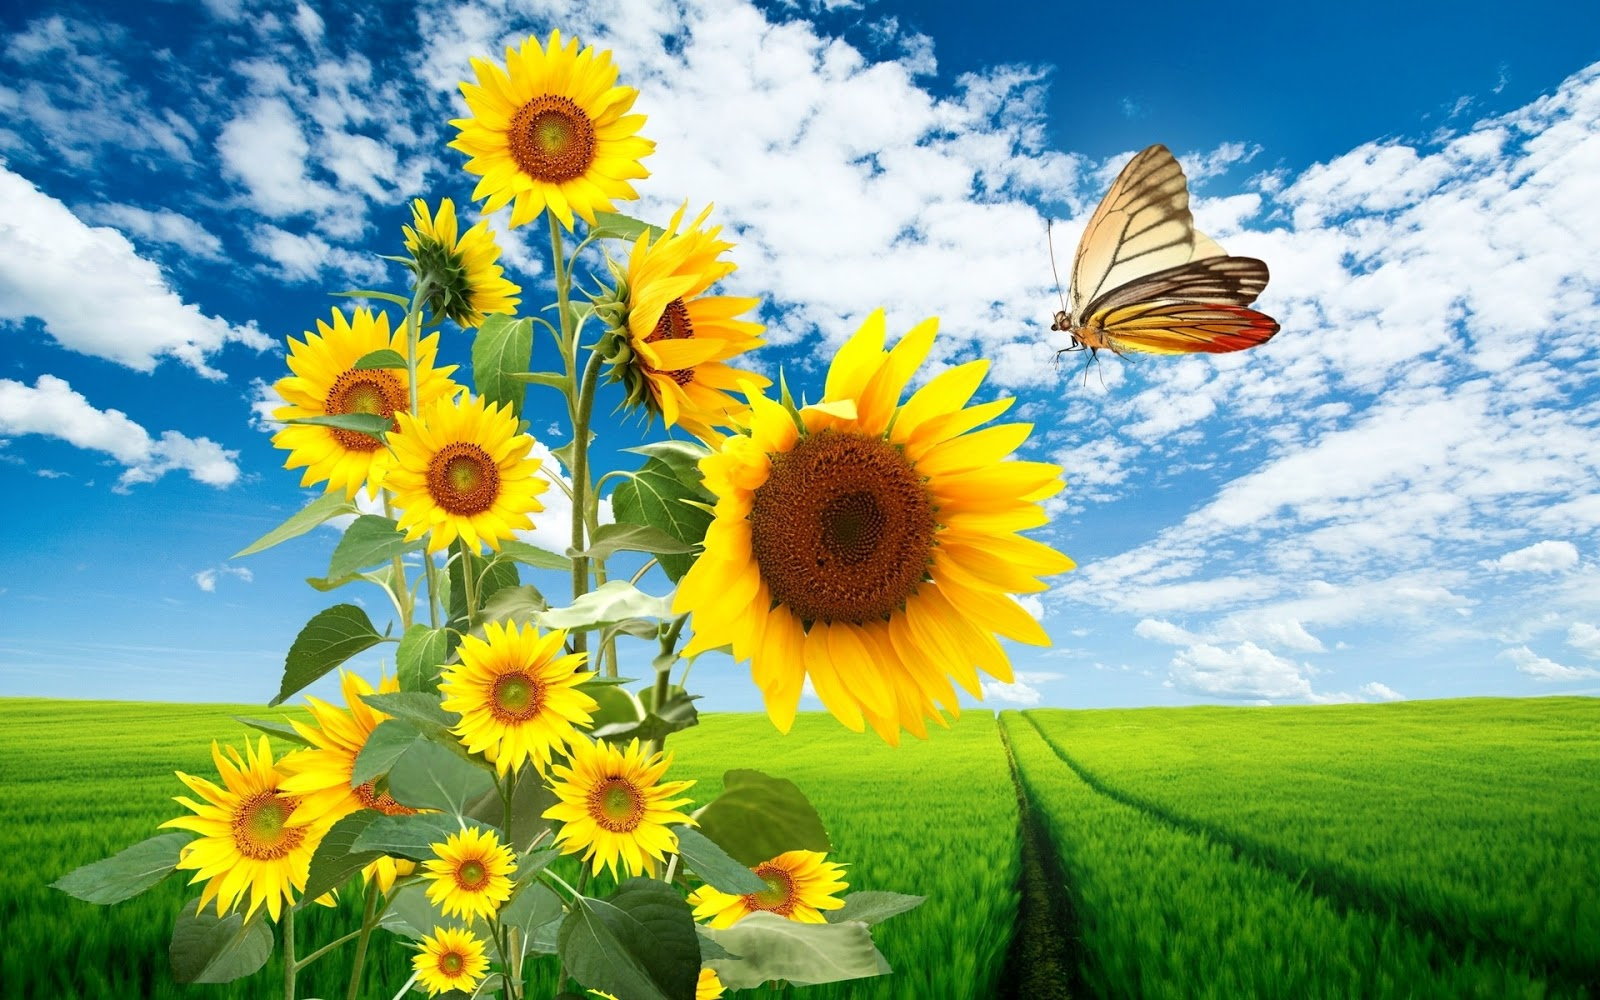 hdwallpapers of butterflies wild life